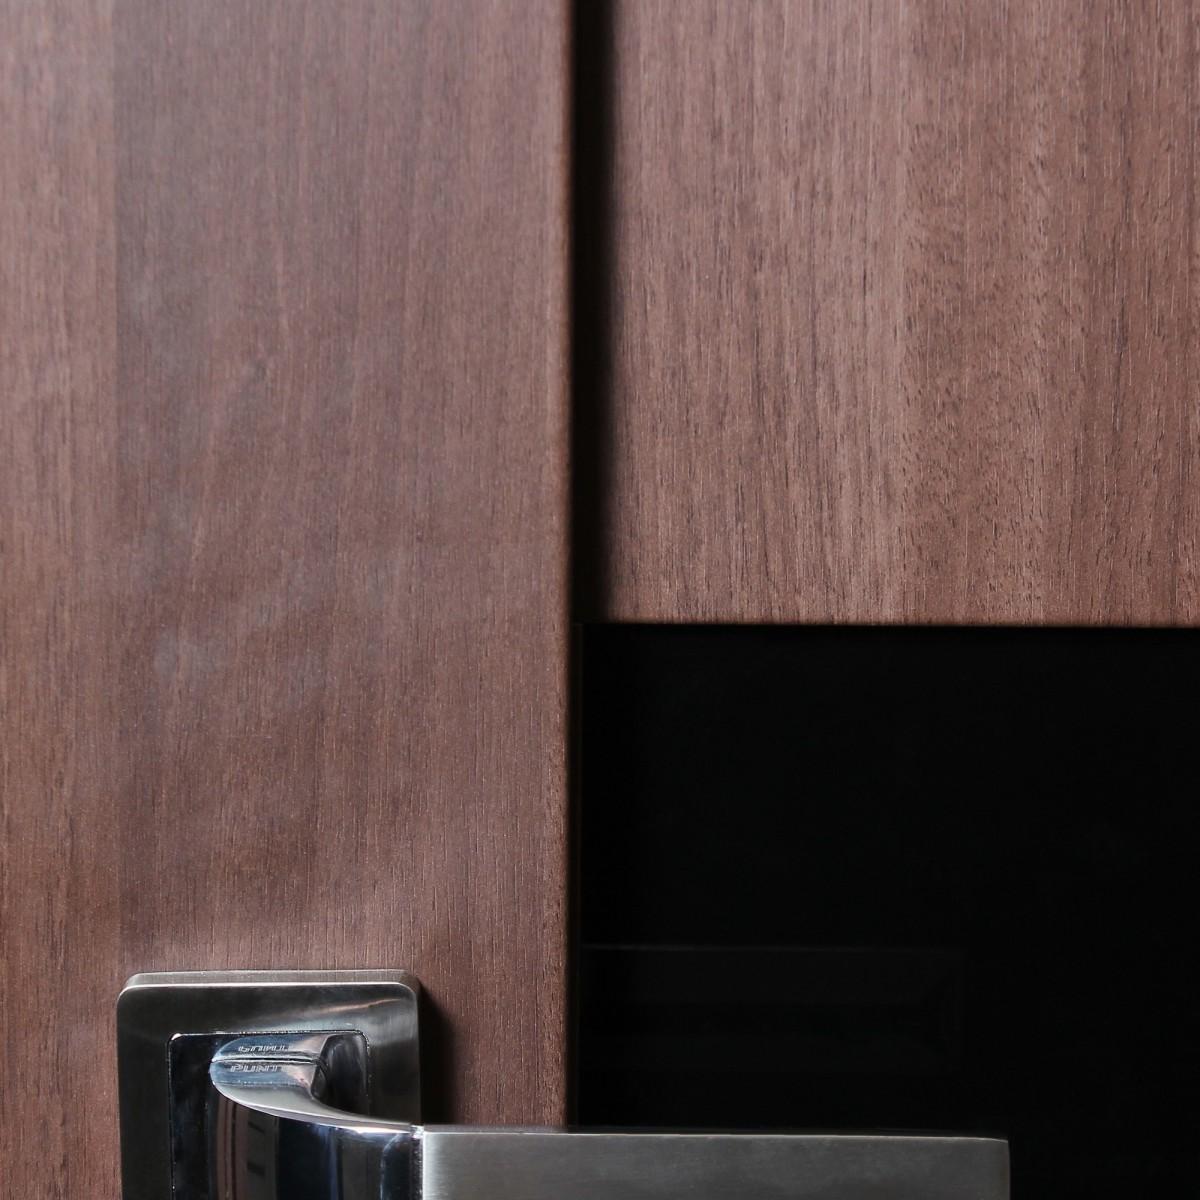 Дверь Межкомнатная Остеклённая Artens Велдон 90x200 Цвет Мокко Без Фурнитуры